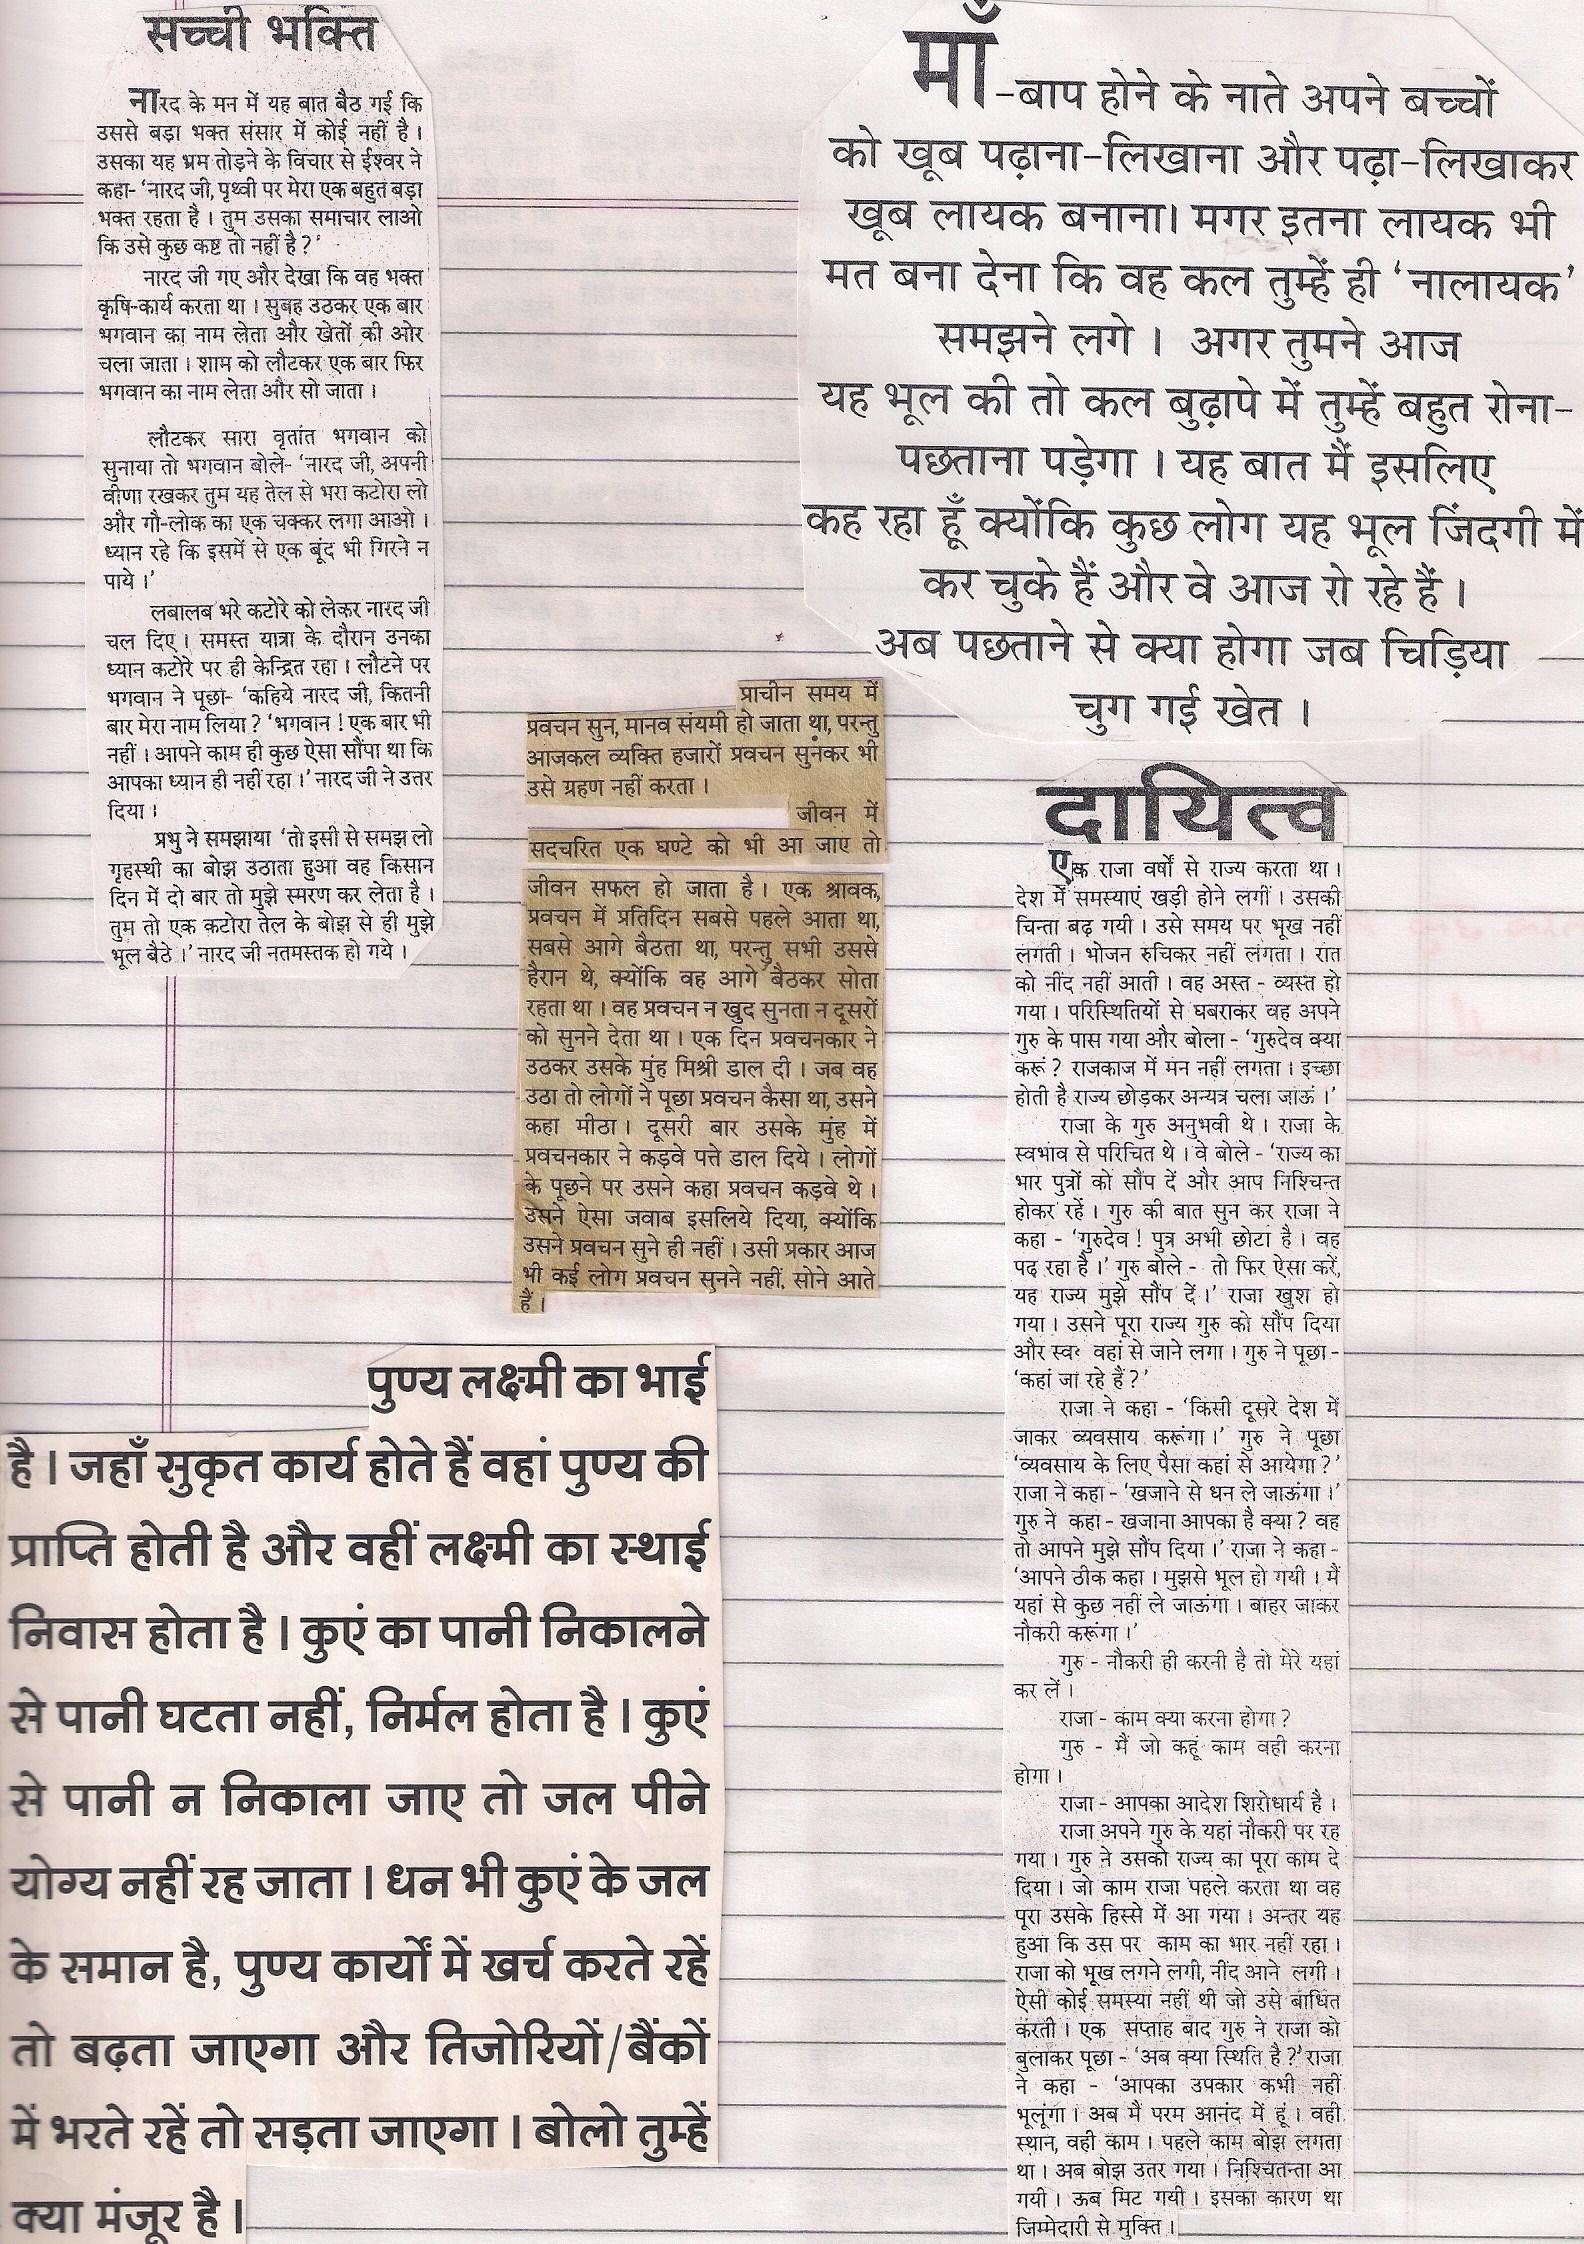 Sachi Bhakti – Daayitv – Hindi Spiritual Short Stories – Free Ebook